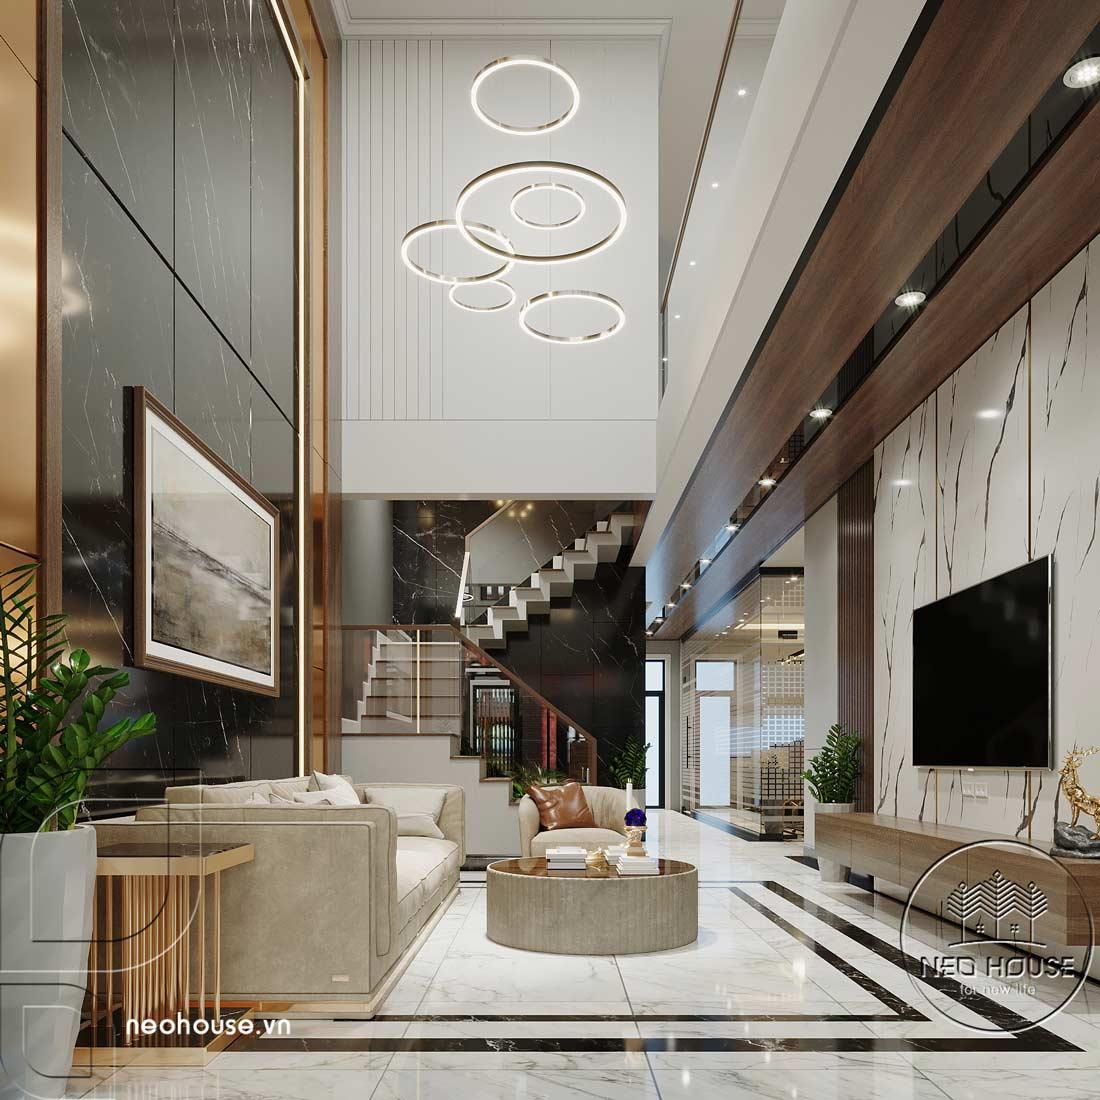 Thiết kế nội thất nhà phố kết hợp kinh doanh văn phòng. Ảnh 4